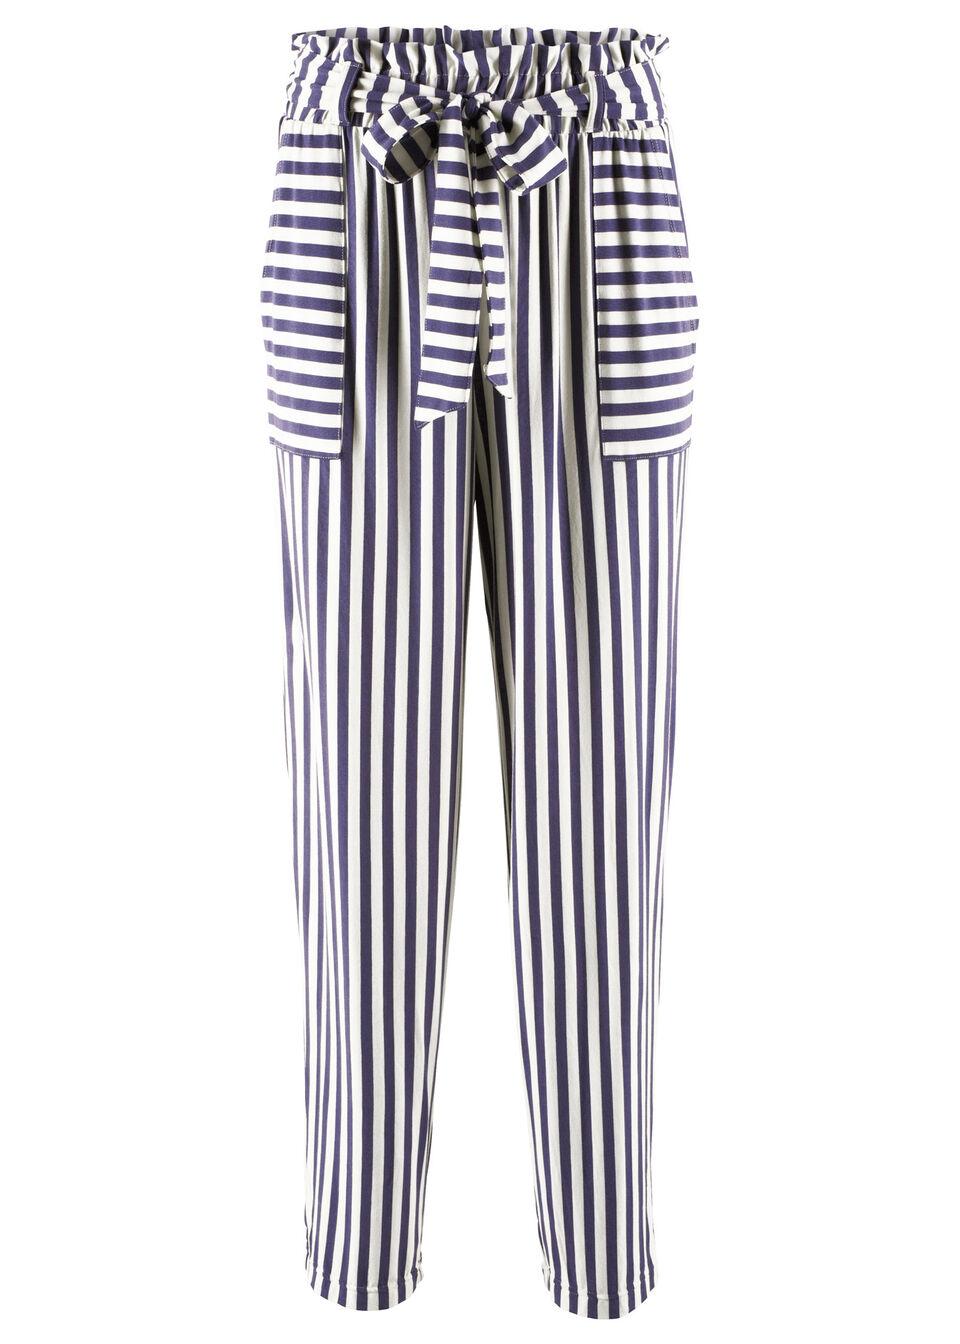 Spodnie shirtowe z kolekcji Maite Kelly bonprix indygo-biały w paski